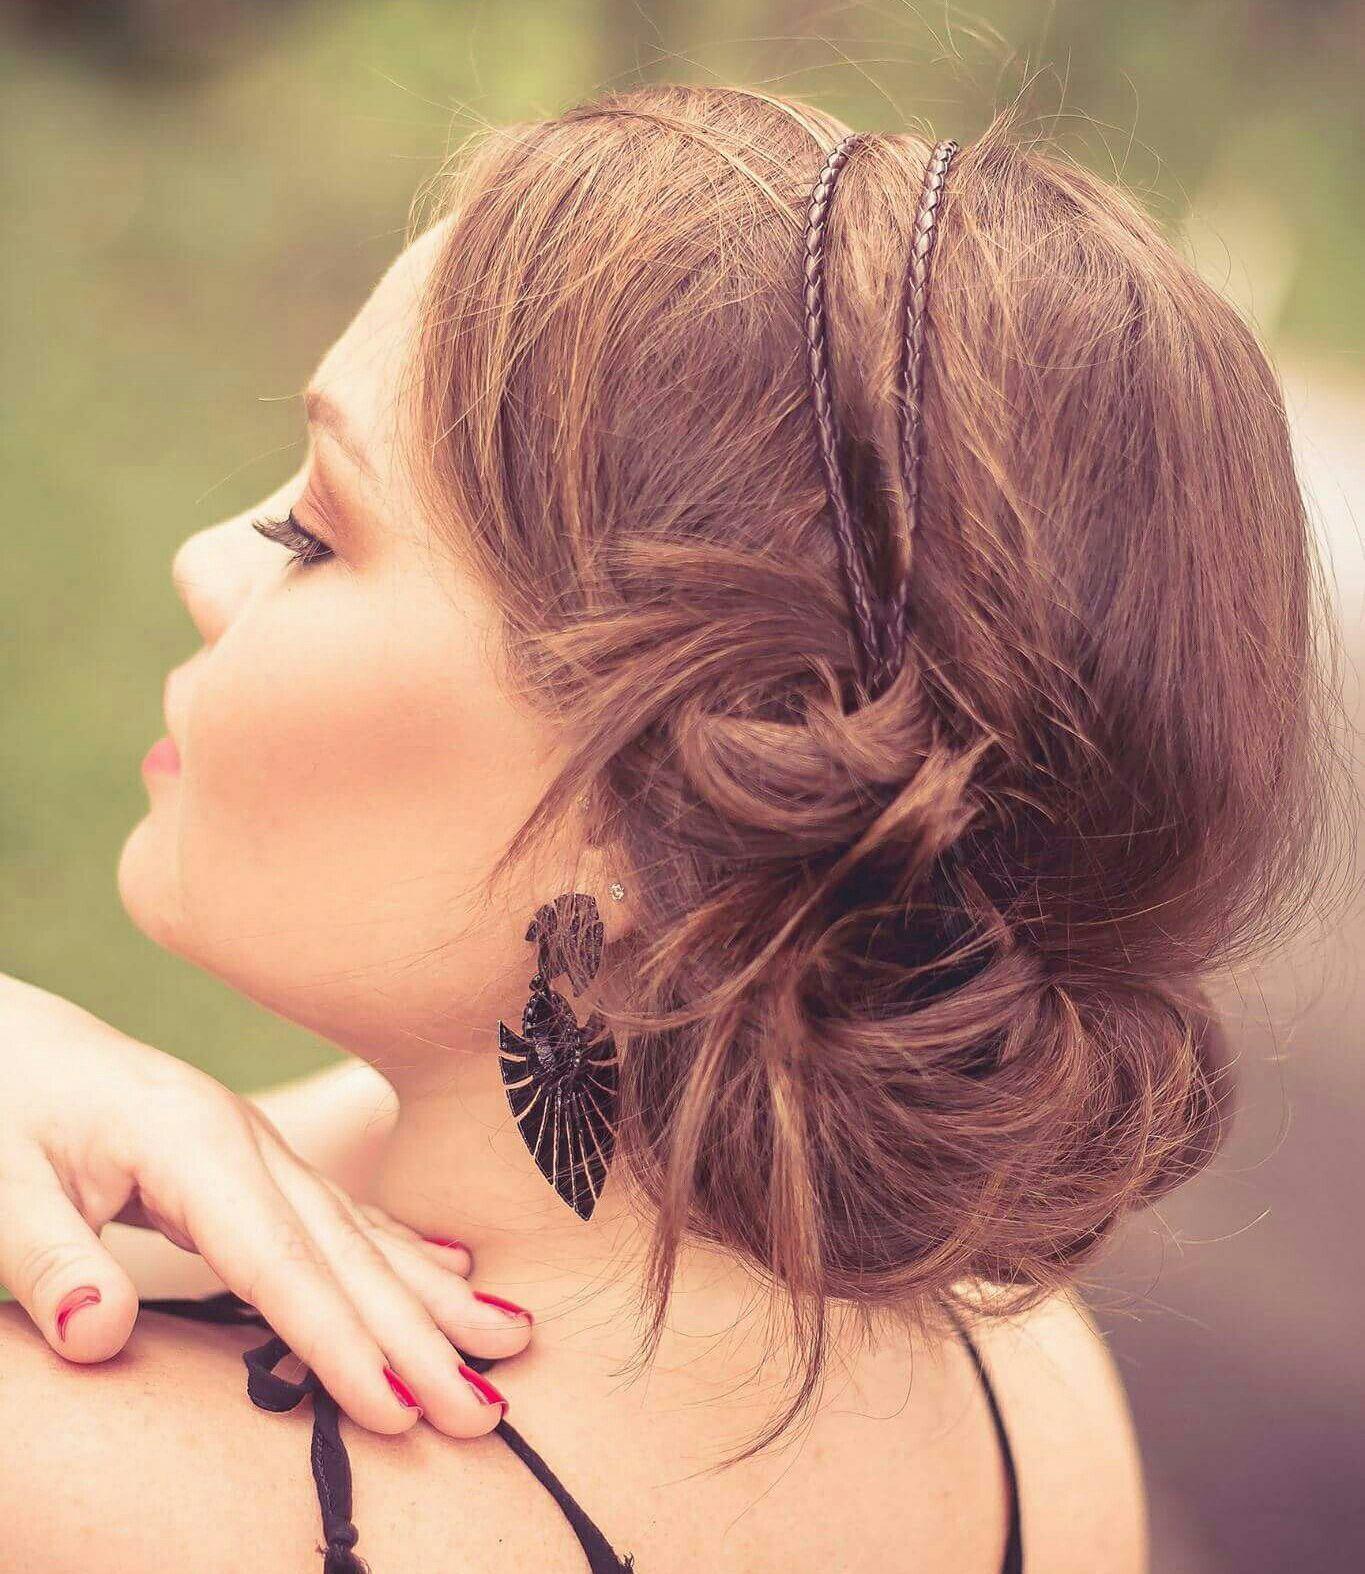 Ensaio fotográfico da linda Carol.  Cabelo e make por minhas mãos 🙆💋💄   Para este ensaio apostei em um look bem romântico da make ao cabelo, que super combinou com a personalidade da Carol.  Eu adorei o resultado,  e vocês?    #makeupartist #look #sp #MakeupbyKarinaG #beauty #beleza #fashion #model #hairstyle #hair #photographer #natural #noivas #maquiagem  #ensaiofotografico #ensaios #ensaioexterno #bride #bestoftheday #estilo #maquiagem #makeup #penteadoromantico maquiagem maquiador(a) designer de sobrancelhas